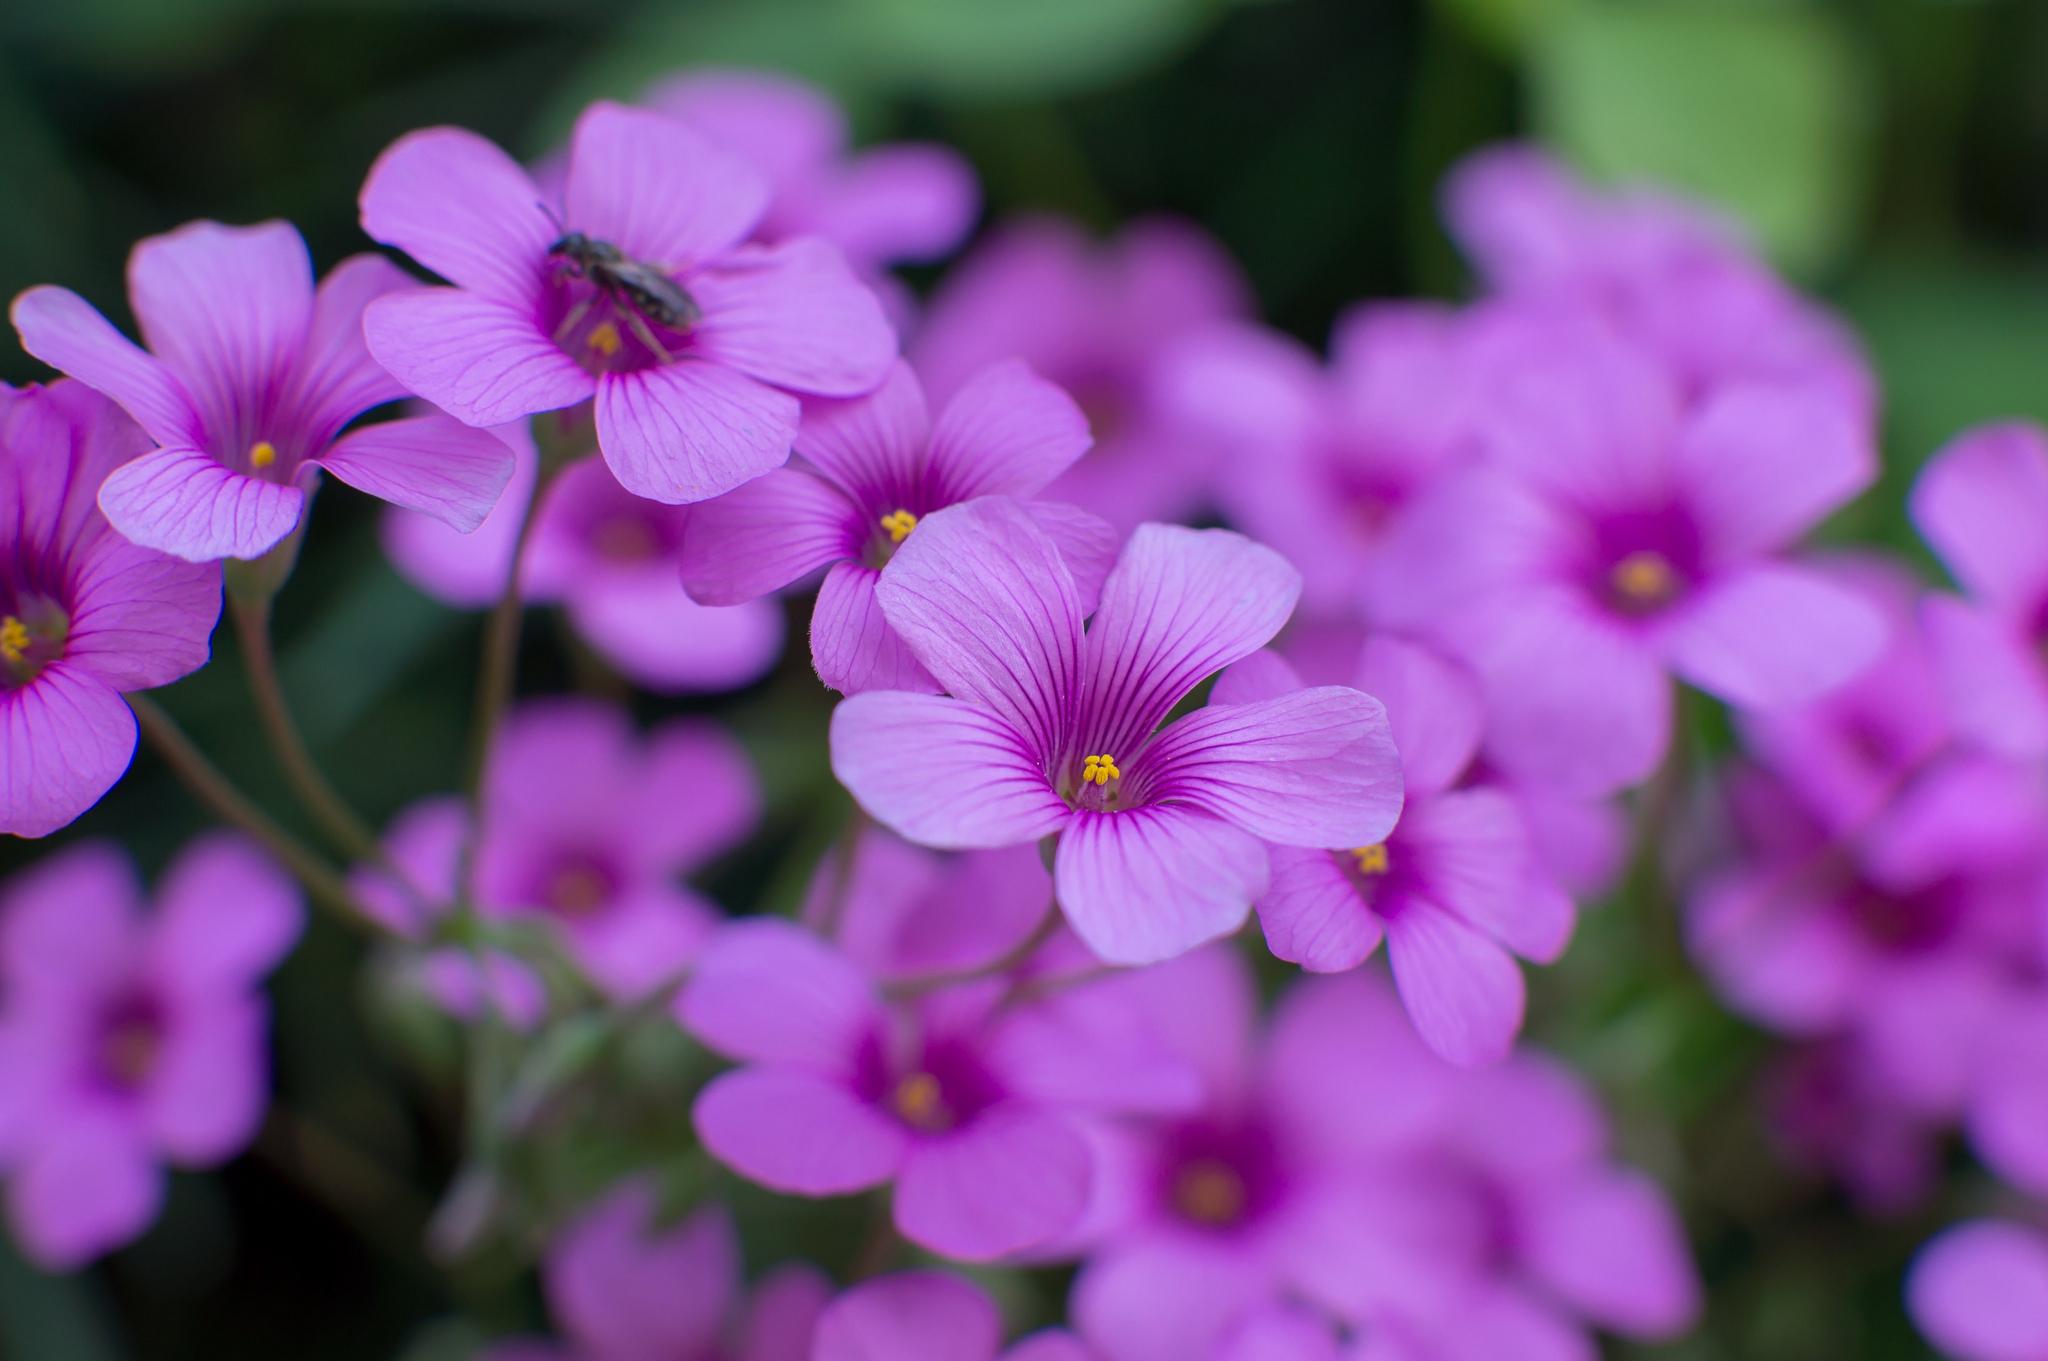 Картинки с фиолетовыми цветами в высоком качестве